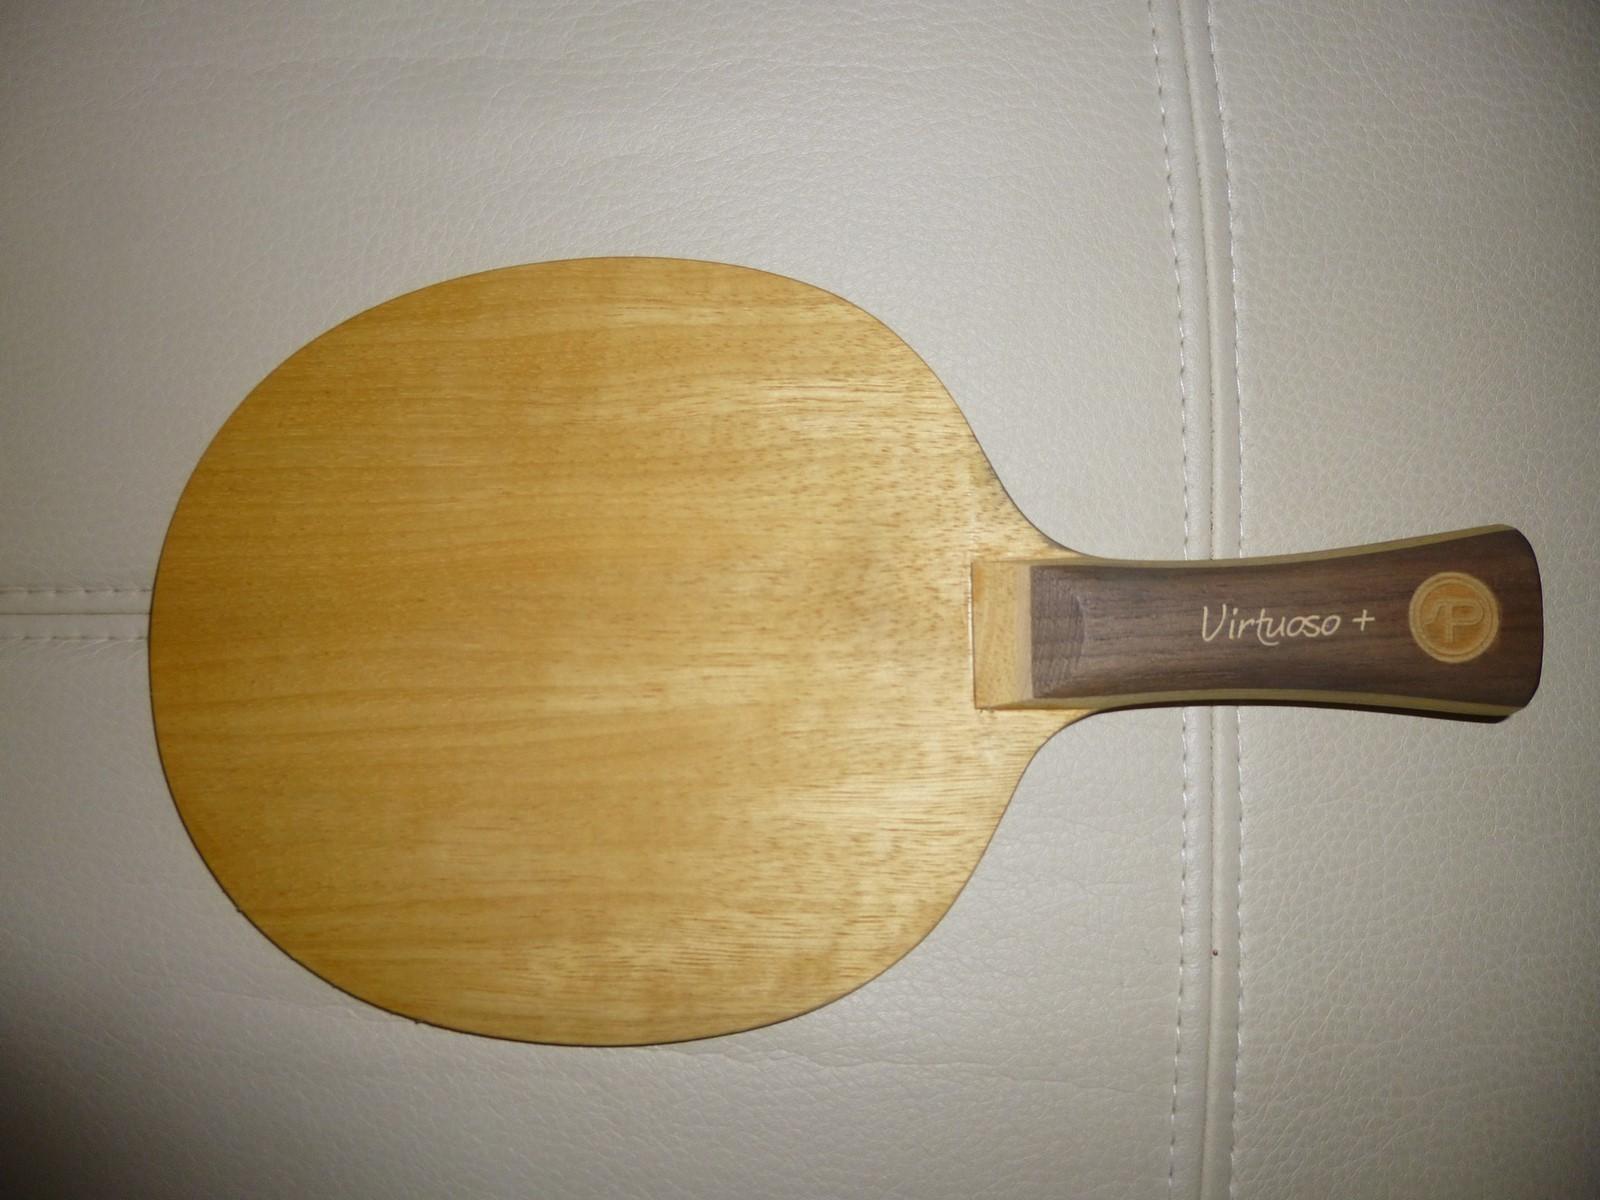 Bois OSP Virtuoso+  Ventes  Tennis de Tablecom